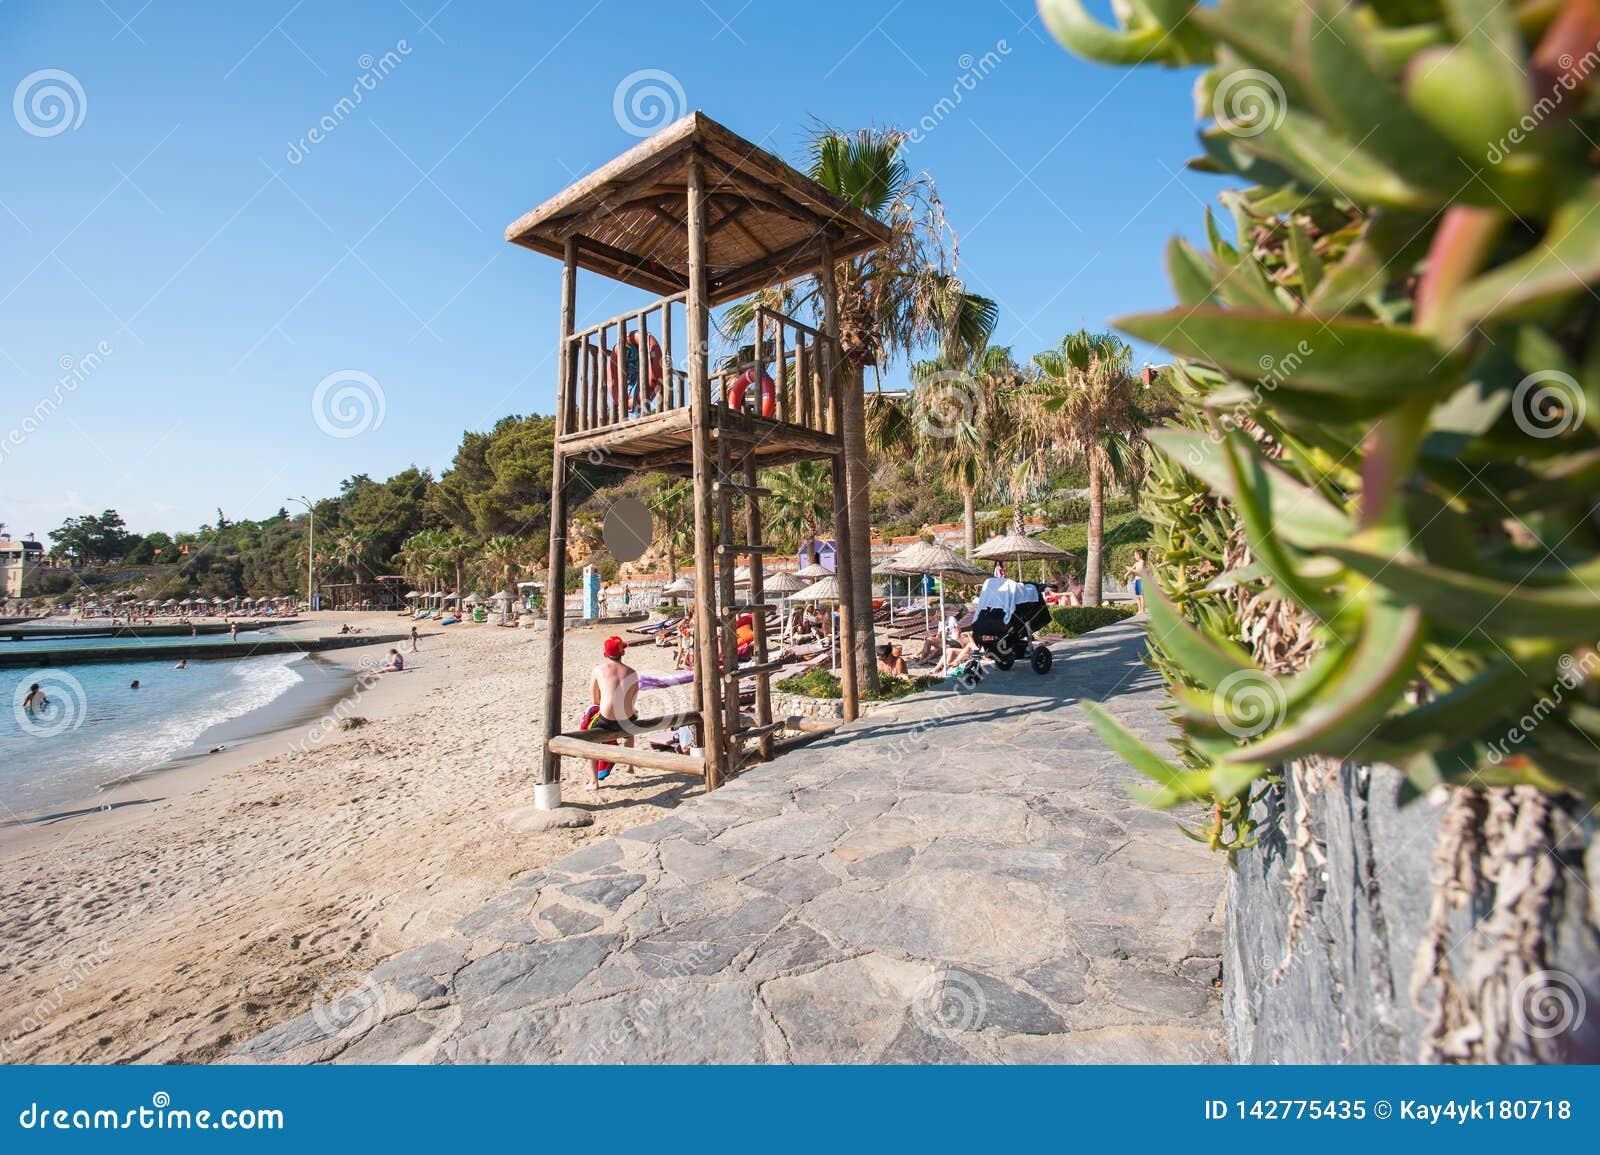 Zonsondergang bij het strand van La caleta DE velez Malaga met de reddingstoren